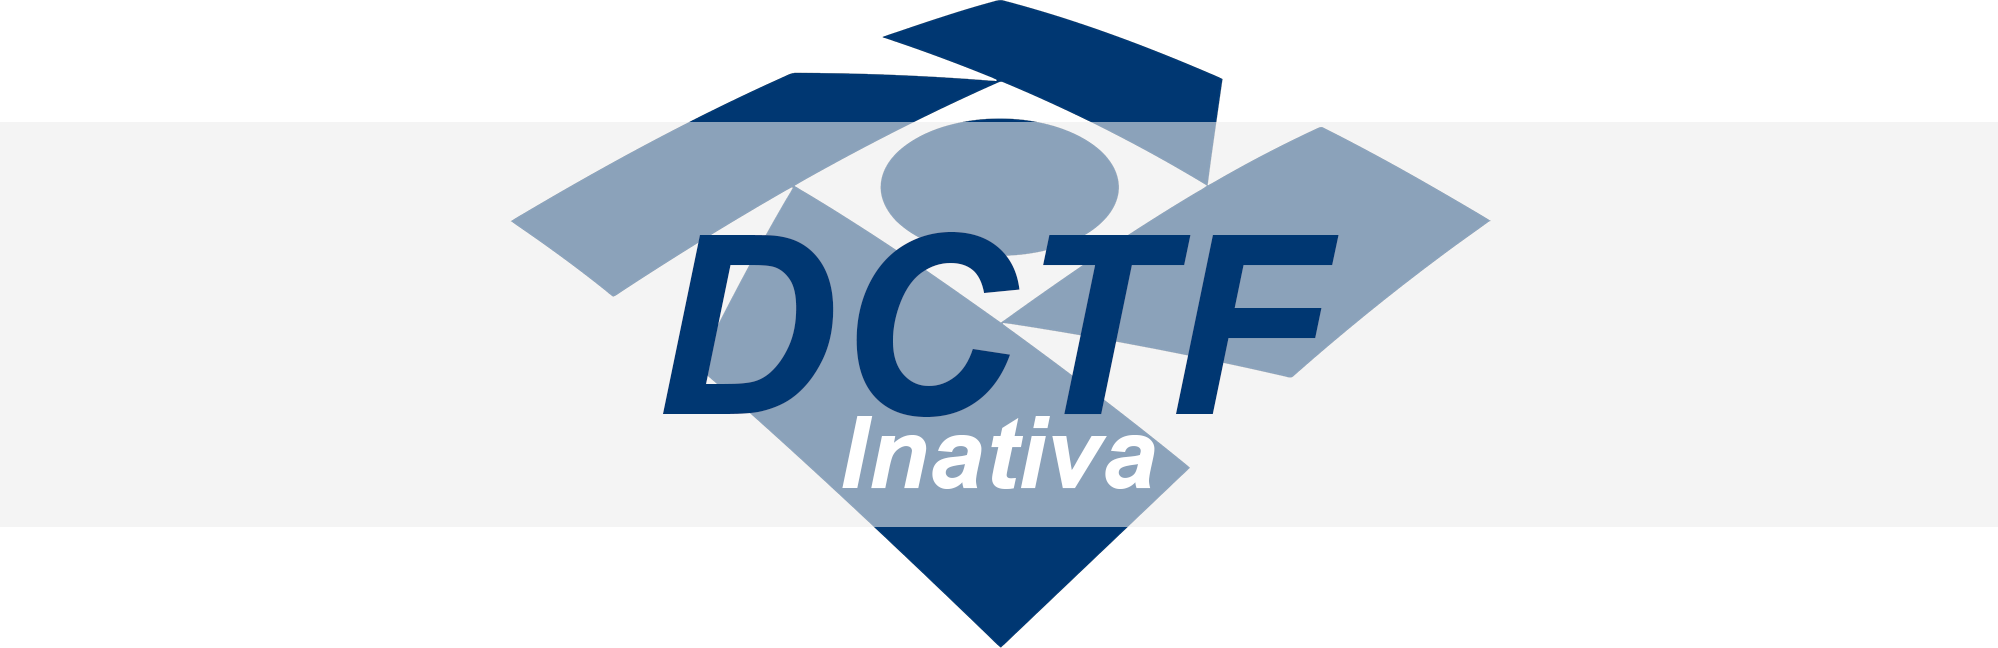 dctf-inativa